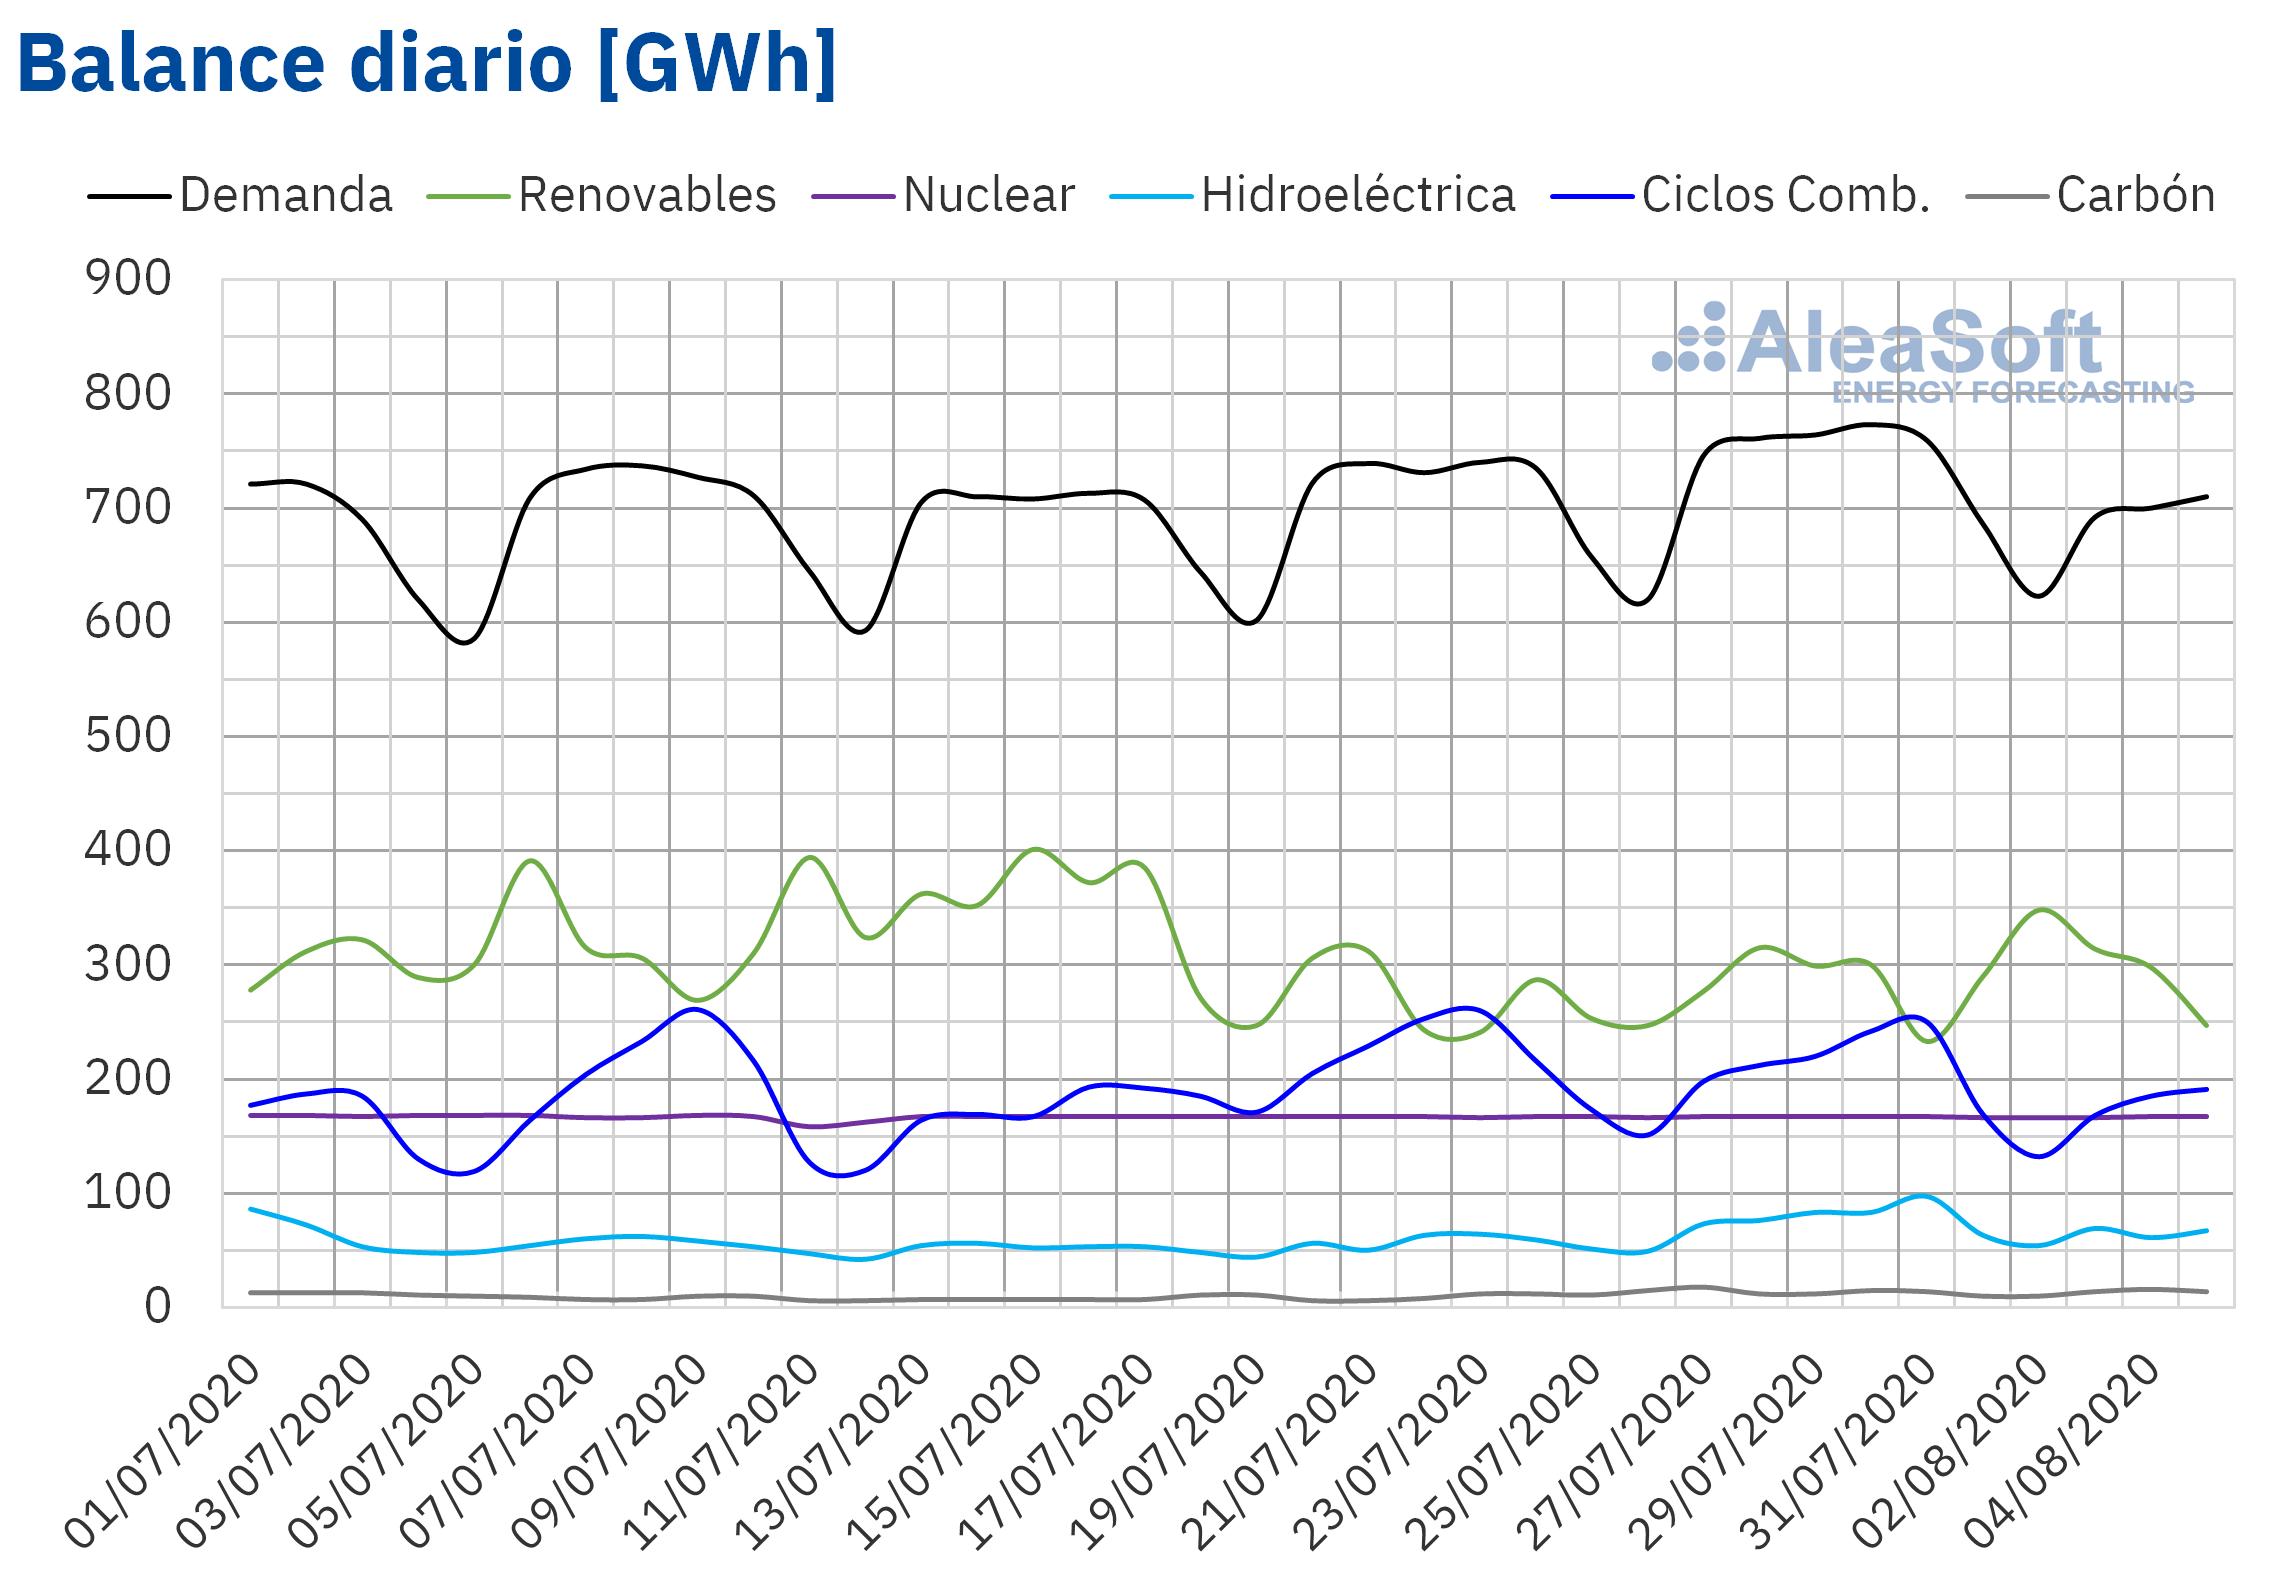 AleaSoft - Balance diario electricidad Espanna demanda produccion